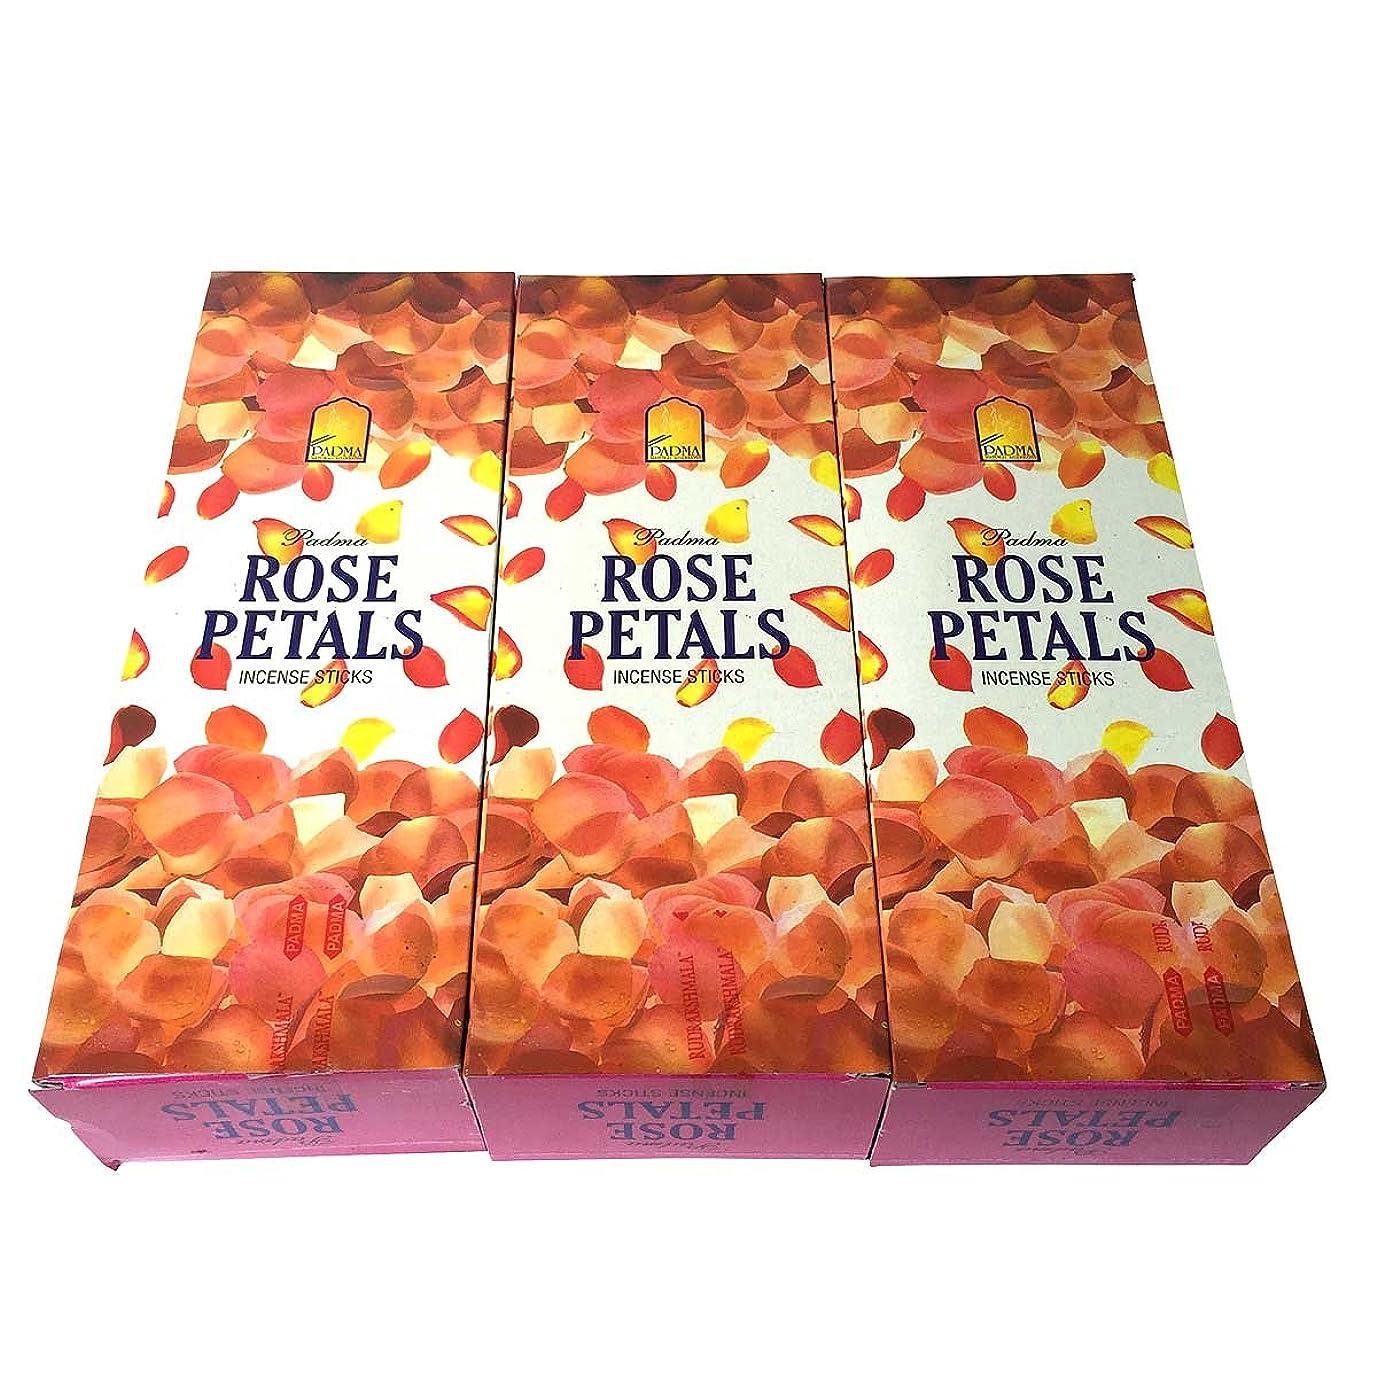 悲観的作詞家毎月ローズペタル香スティック 3BOX(18箱) /PADMA ROSE PETALS/インセンス/インド香 お香 [並行輸入品]